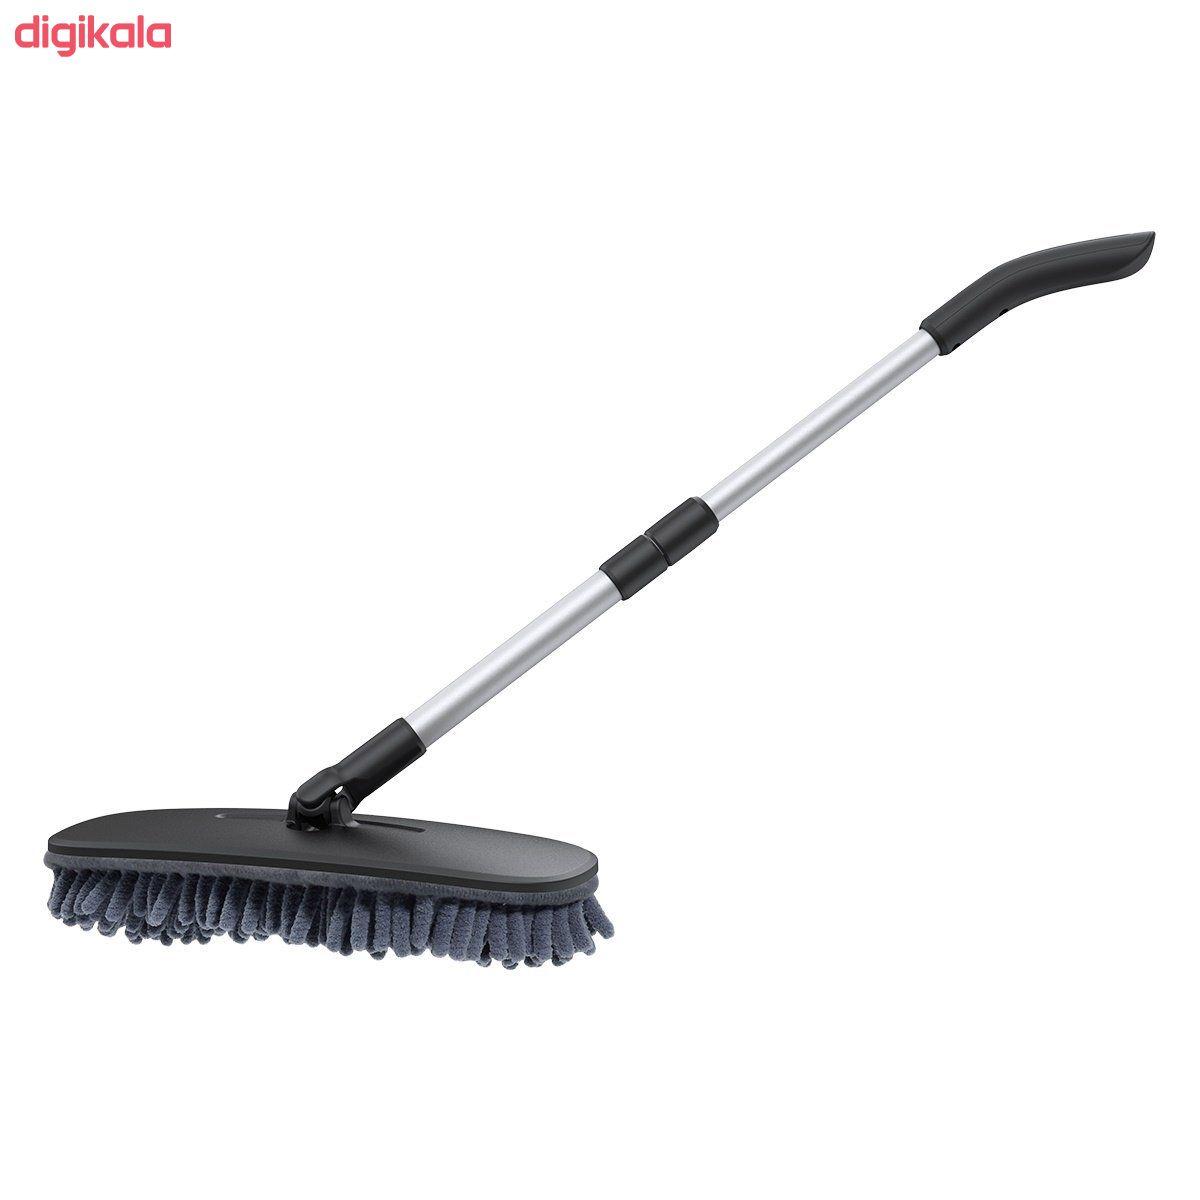 فرچه نظافت خودرو باسئوس مدل CRTB-01 main 1 5